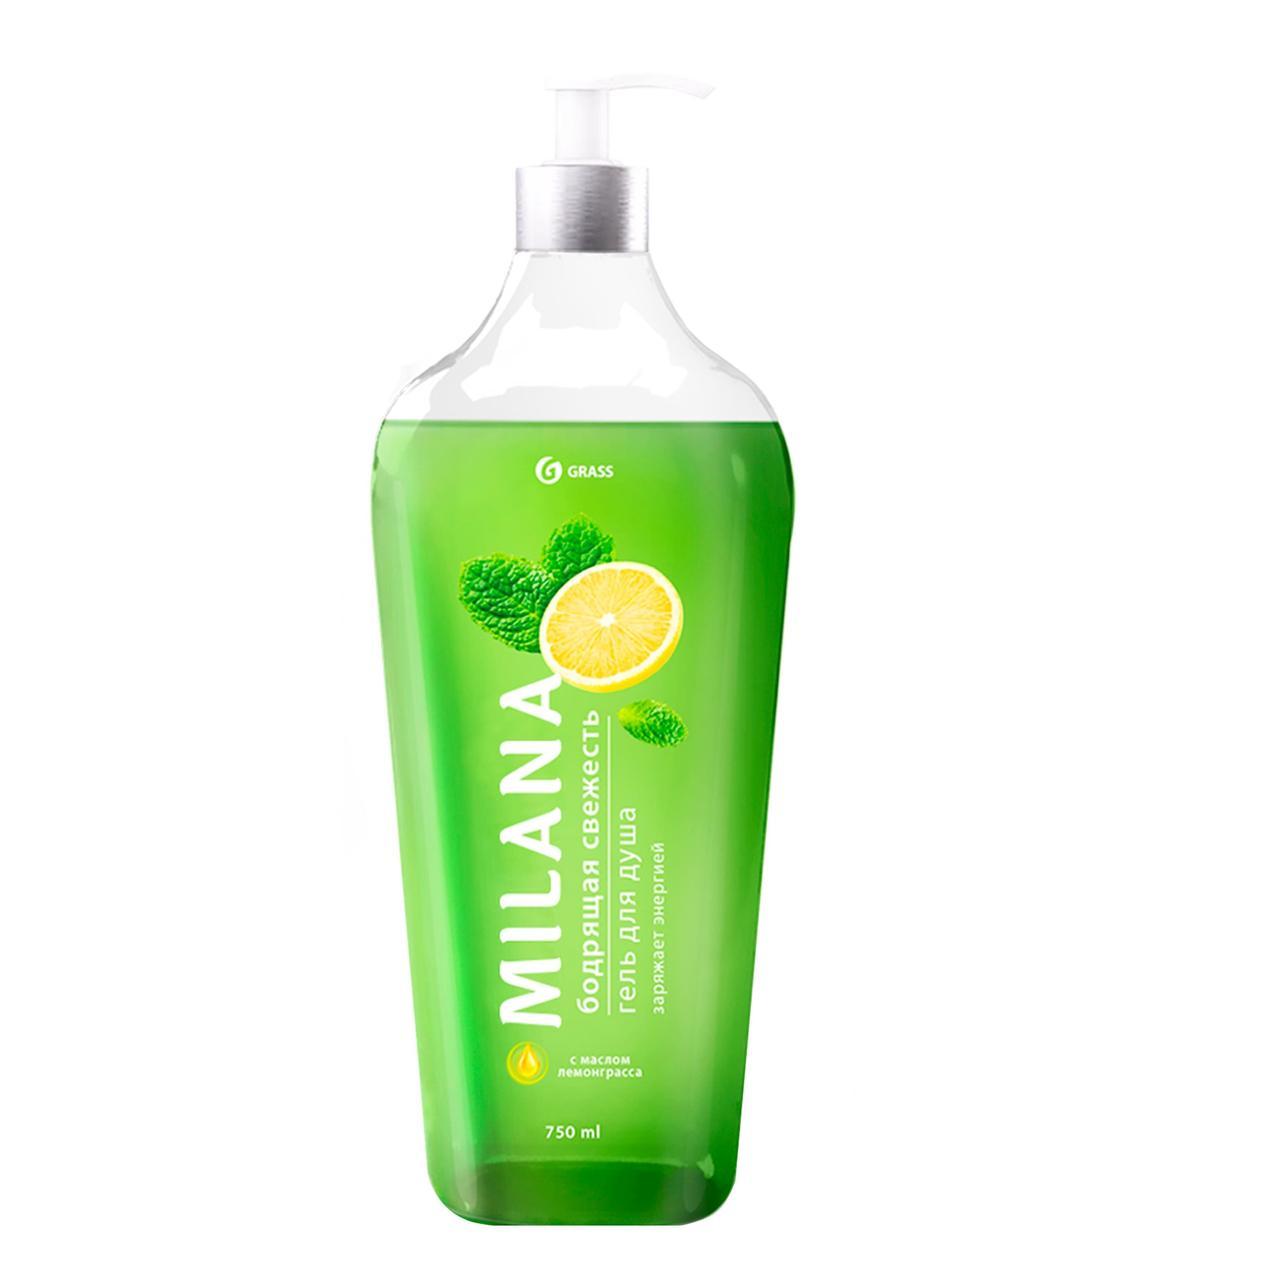 Milana гель для душа Бодрящая свежесть с маслом лемонграсса